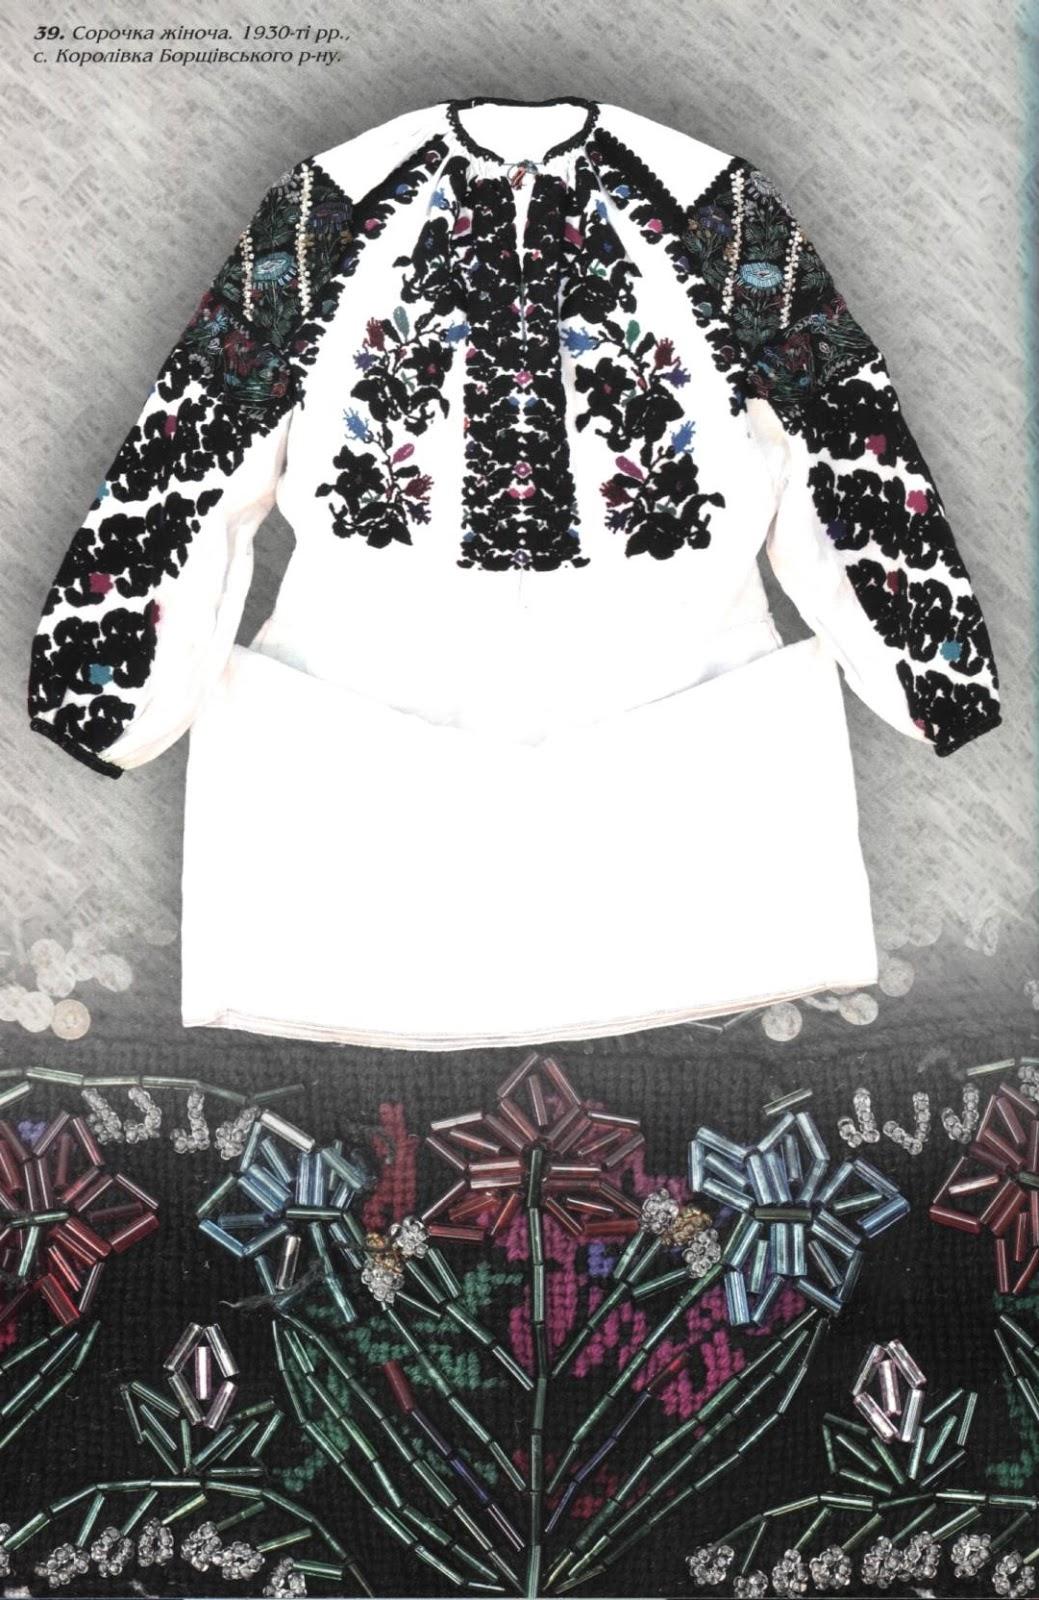 Ткали також тканину з різних ниток  тканину з конопляних і бавовняних ниток  називали «бамбак» або «пряжкове» полотно. b5cb5b3186b7d